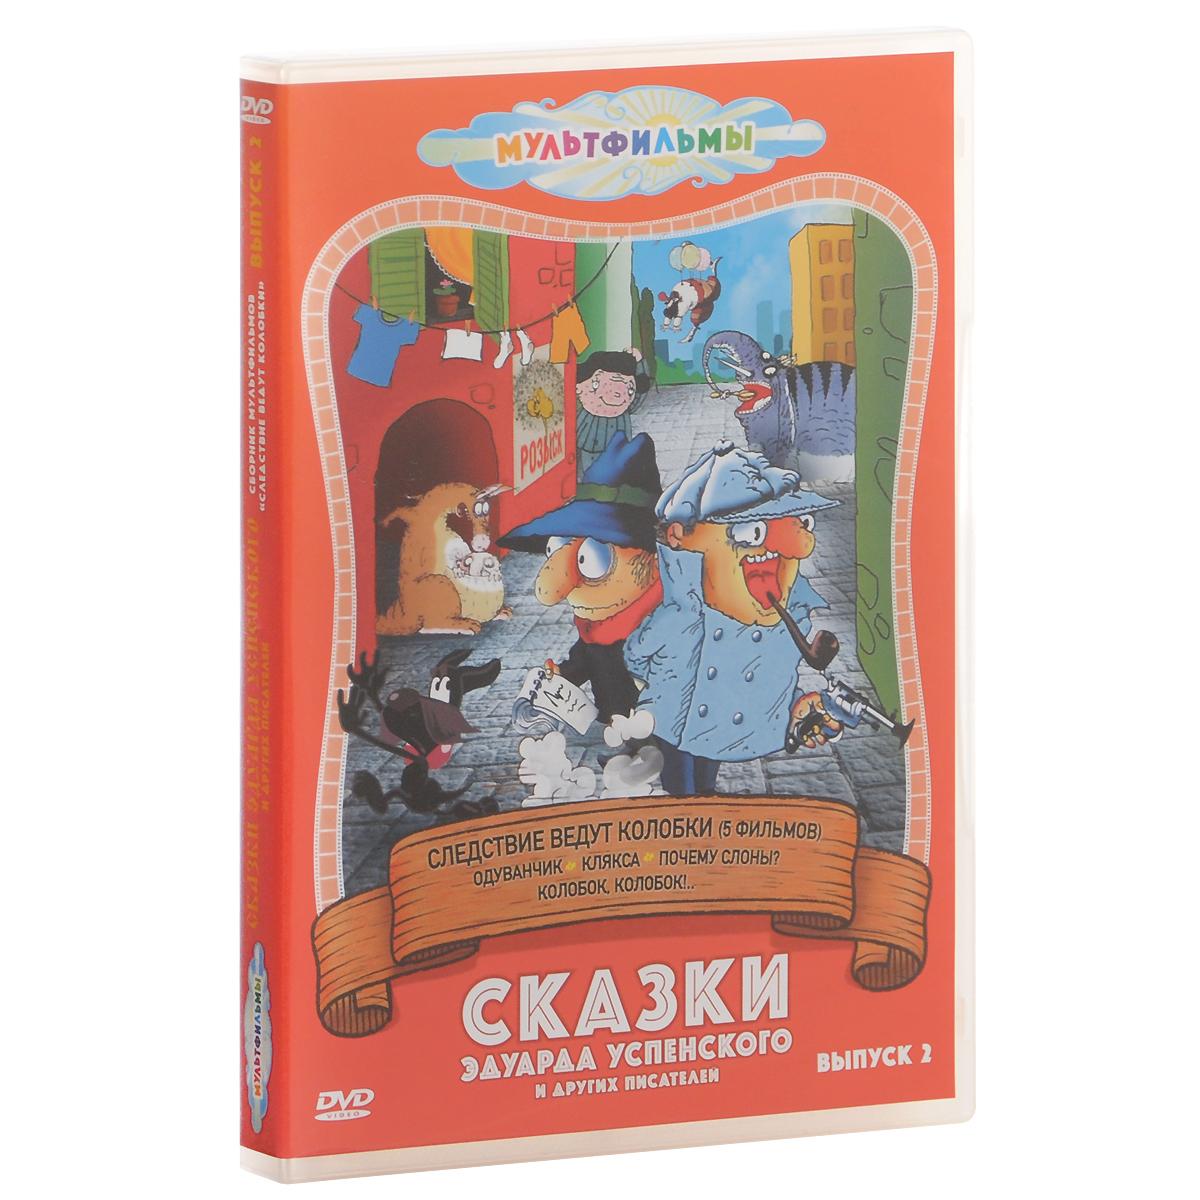 Сказки Эдуарда Успенского и других писателей: Выпуск 2 следствие ведут колобки dvd cd